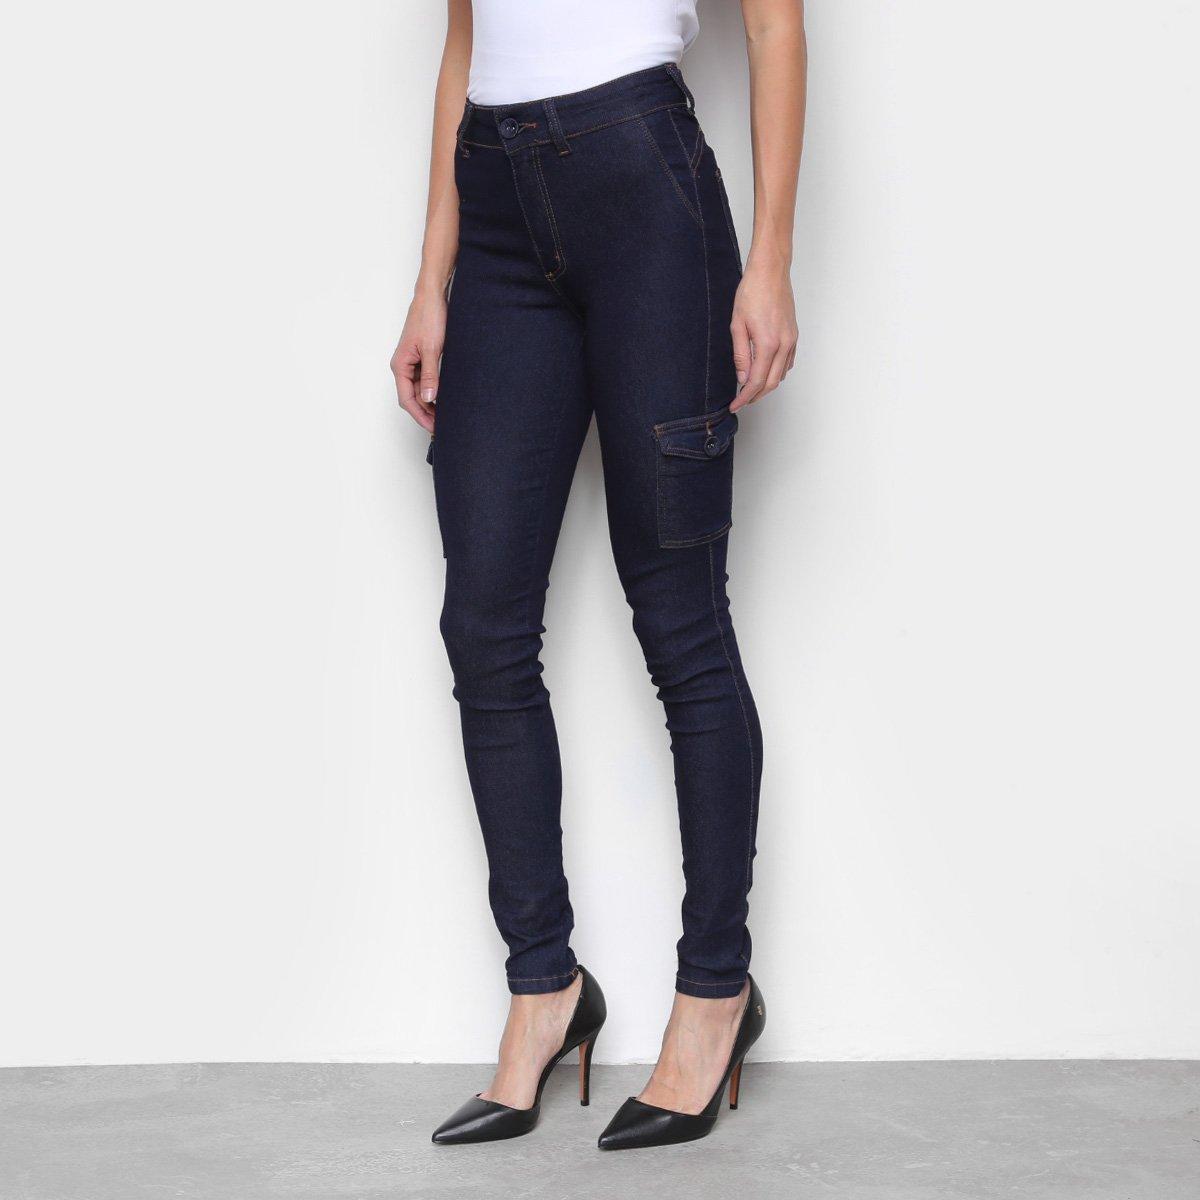 Calça Jeans Skinny Biotipo Bolso Lateral Cintura Média Feminina